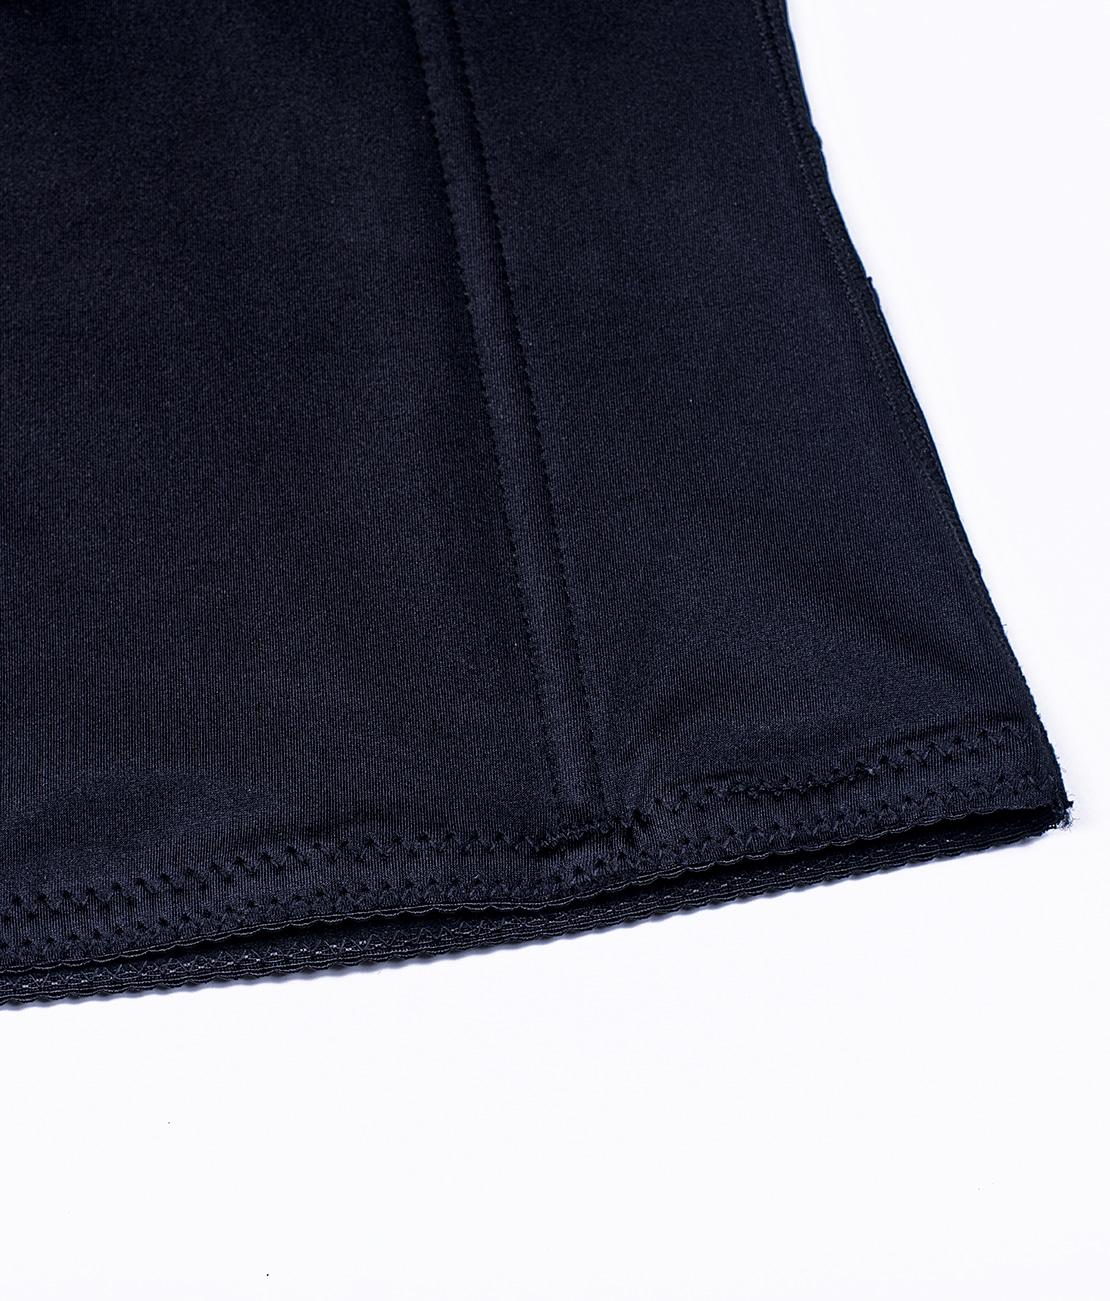 Gaine Ventre Plat Invisible Noire Packshot Detail 3